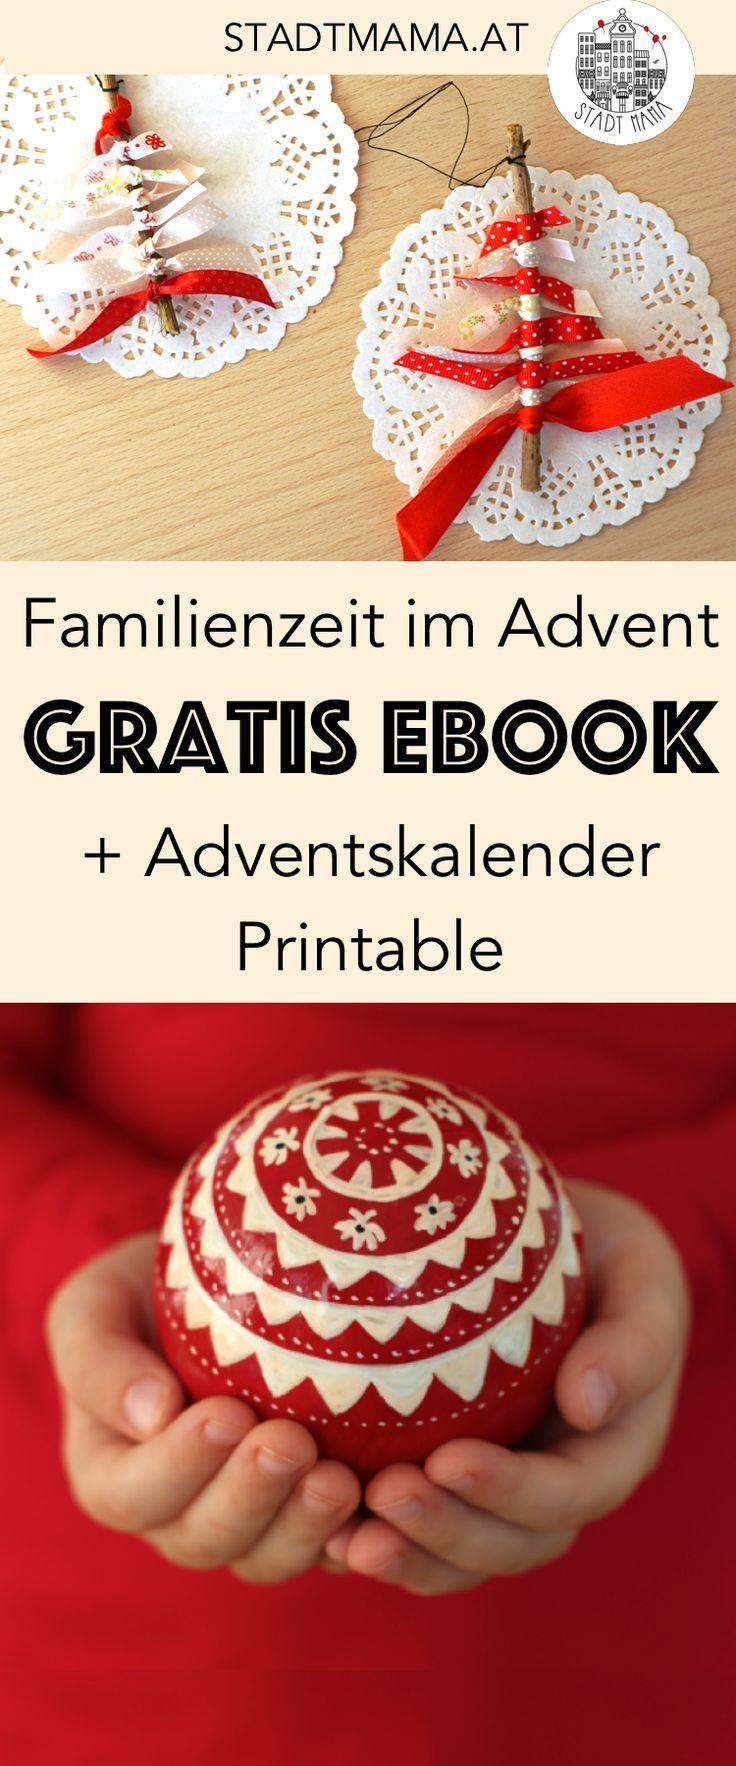 Holt euch mein kostenloses eBook mit vielen Ideen für entspannte und achtsame Familienzeit im Advent. Inklusive vieler Rezepte, Vorlese Geschichten, Bastelideen und Bastelanleitungen und Adventskalender Freebie zum Ausdrucken. #advent #weihnachten #mamablogger #familienblogsAT #mamablogger_at #mamablogger_de #freebie #freebook #ebook #printable